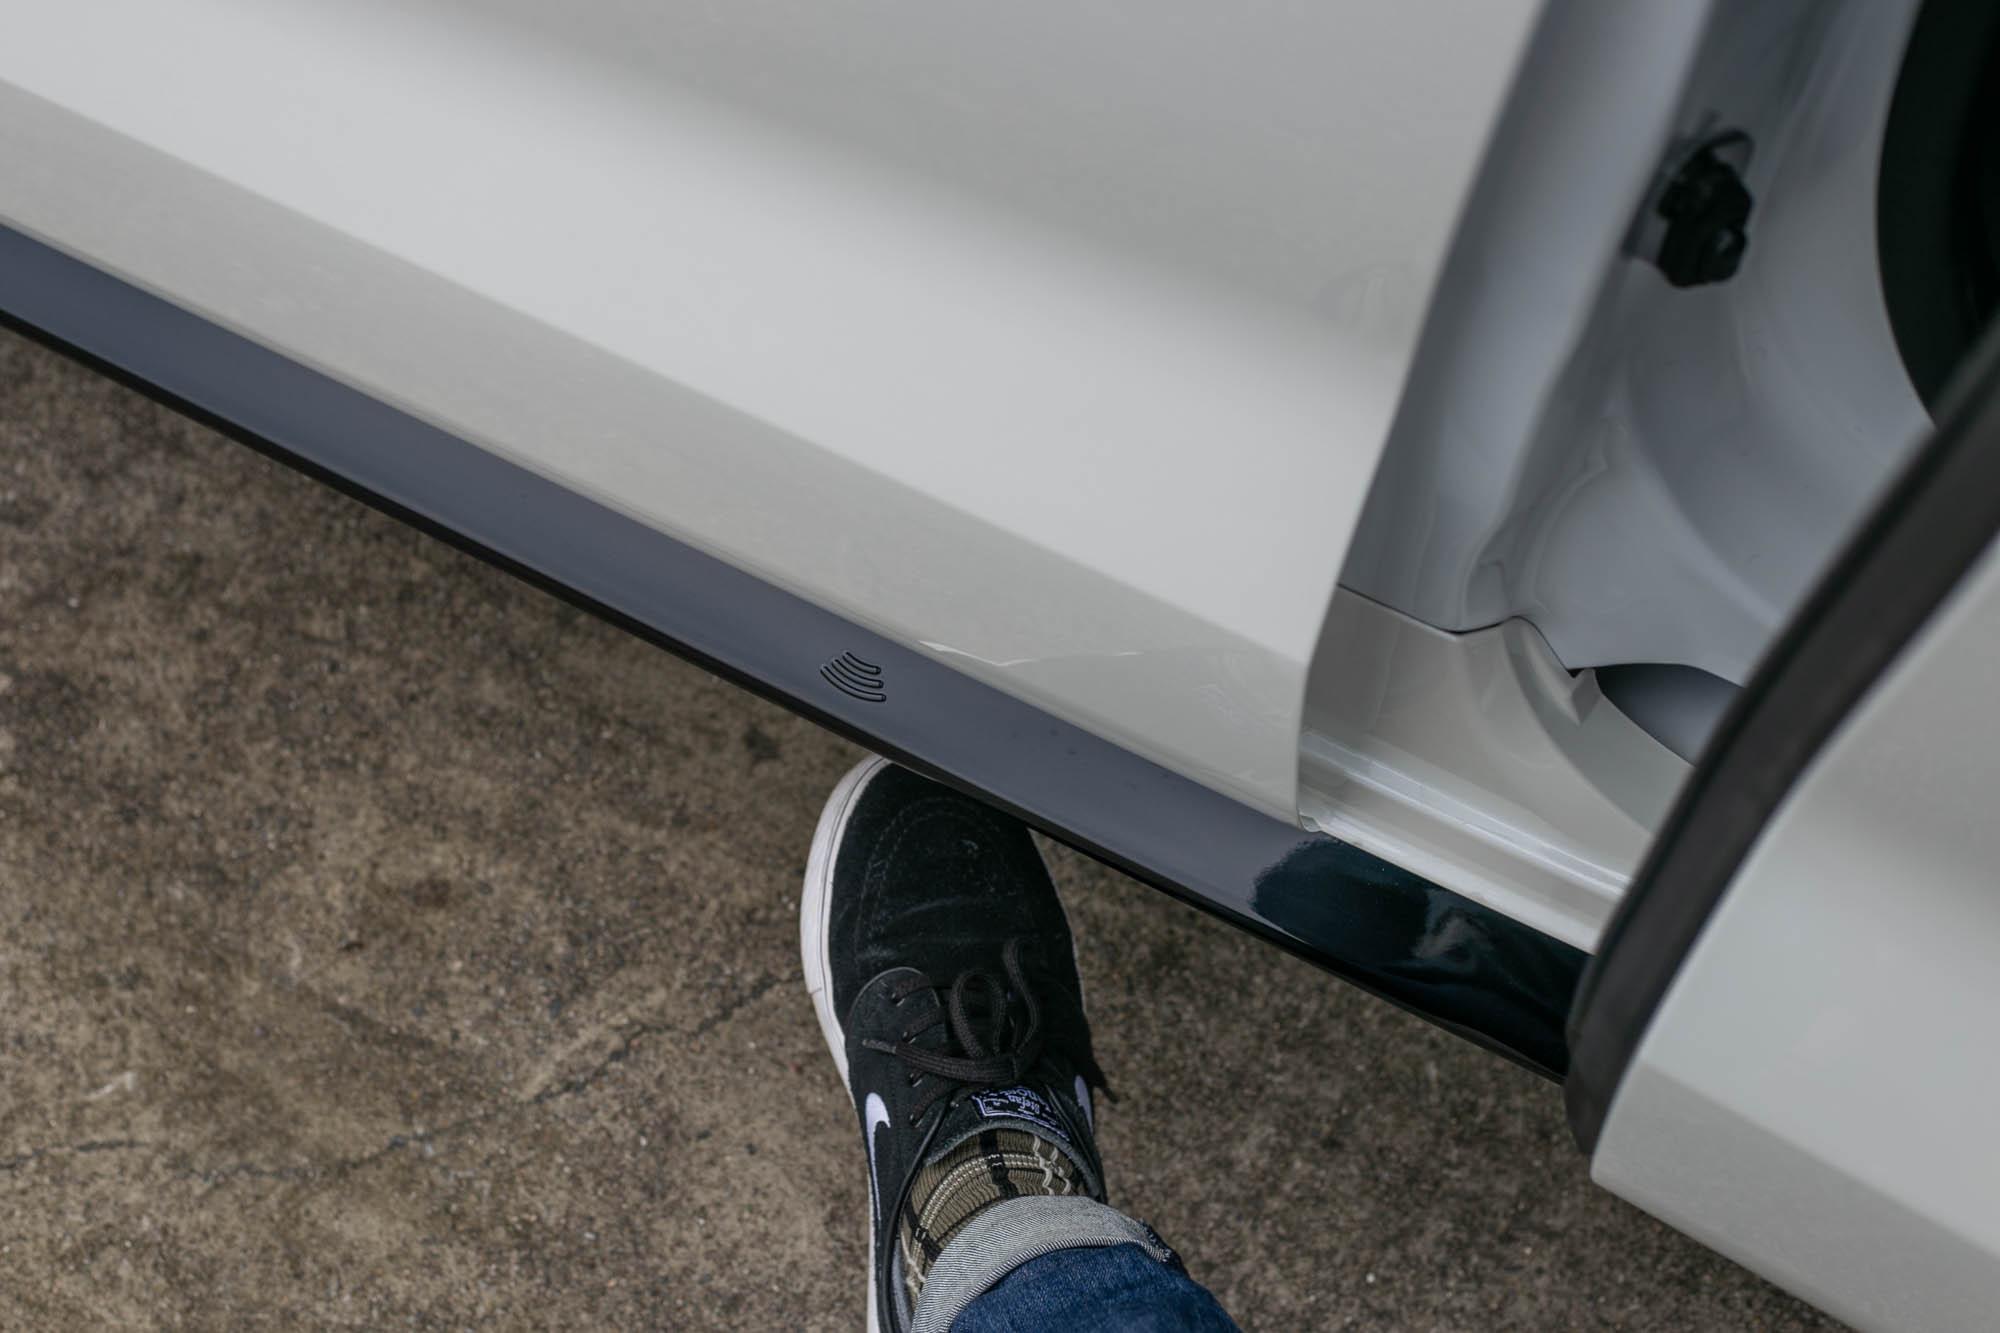 兩側電動滑門也有足踢感應式,相當實用。